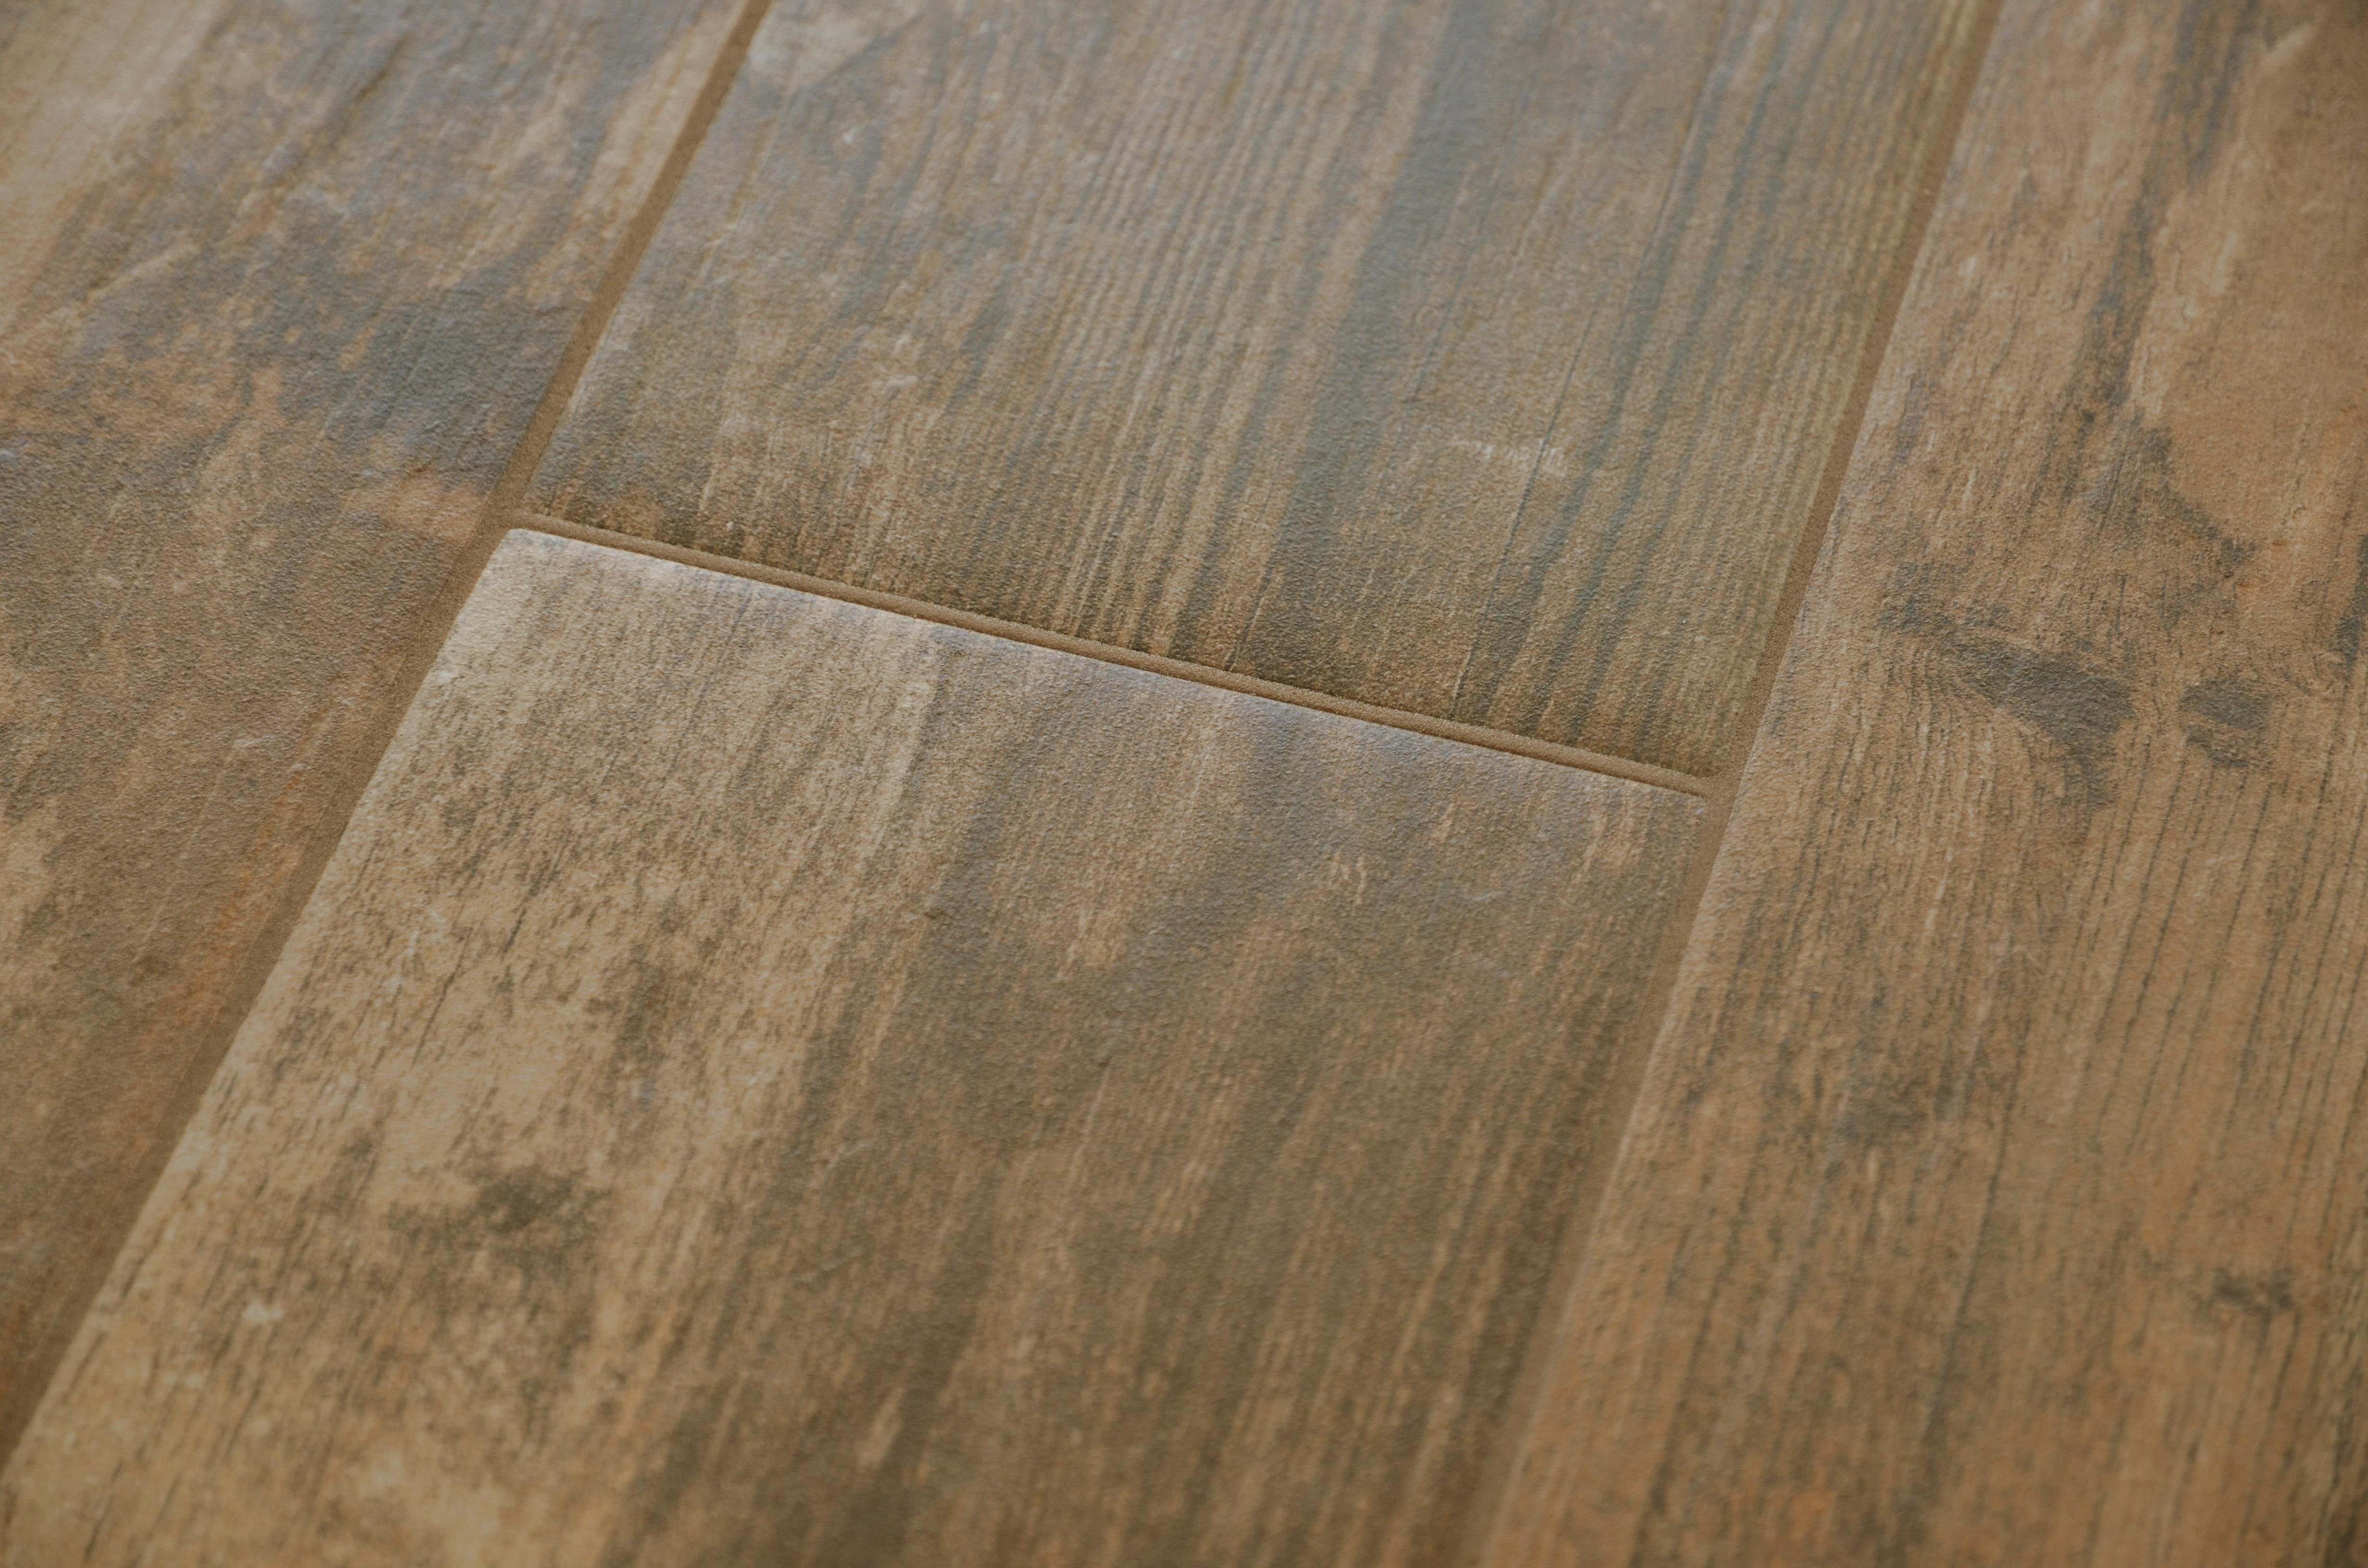 Fughe delle piastrelle uniformi al pavimento e di colore - Colorare le fughe delle piastrelle ...